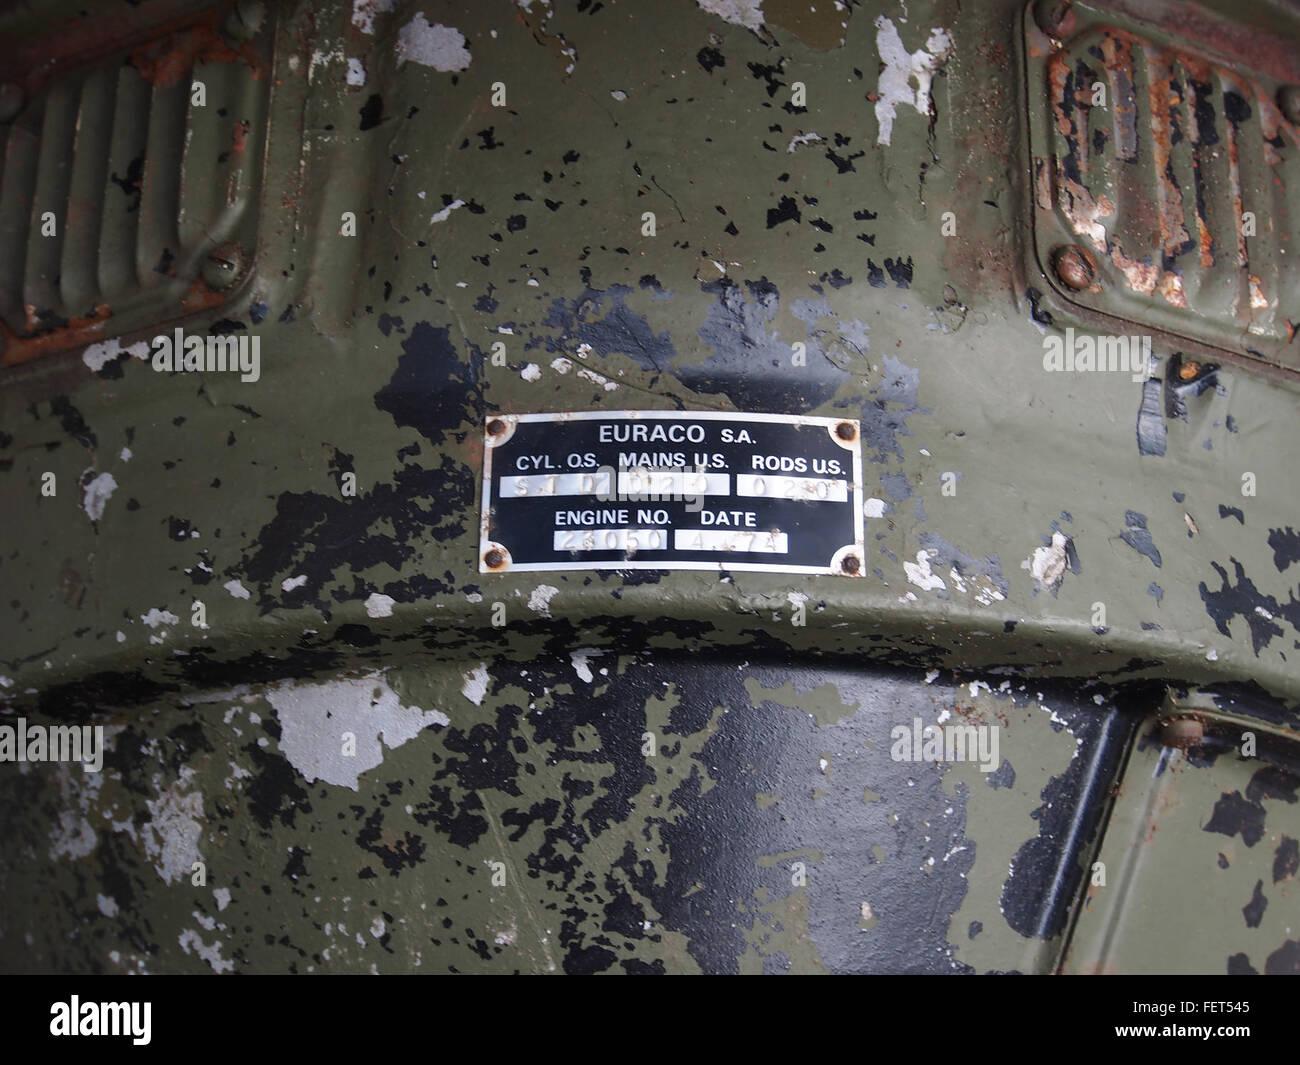 Ford (Euraco sa) M4 tank engine pic2 - Stock Image